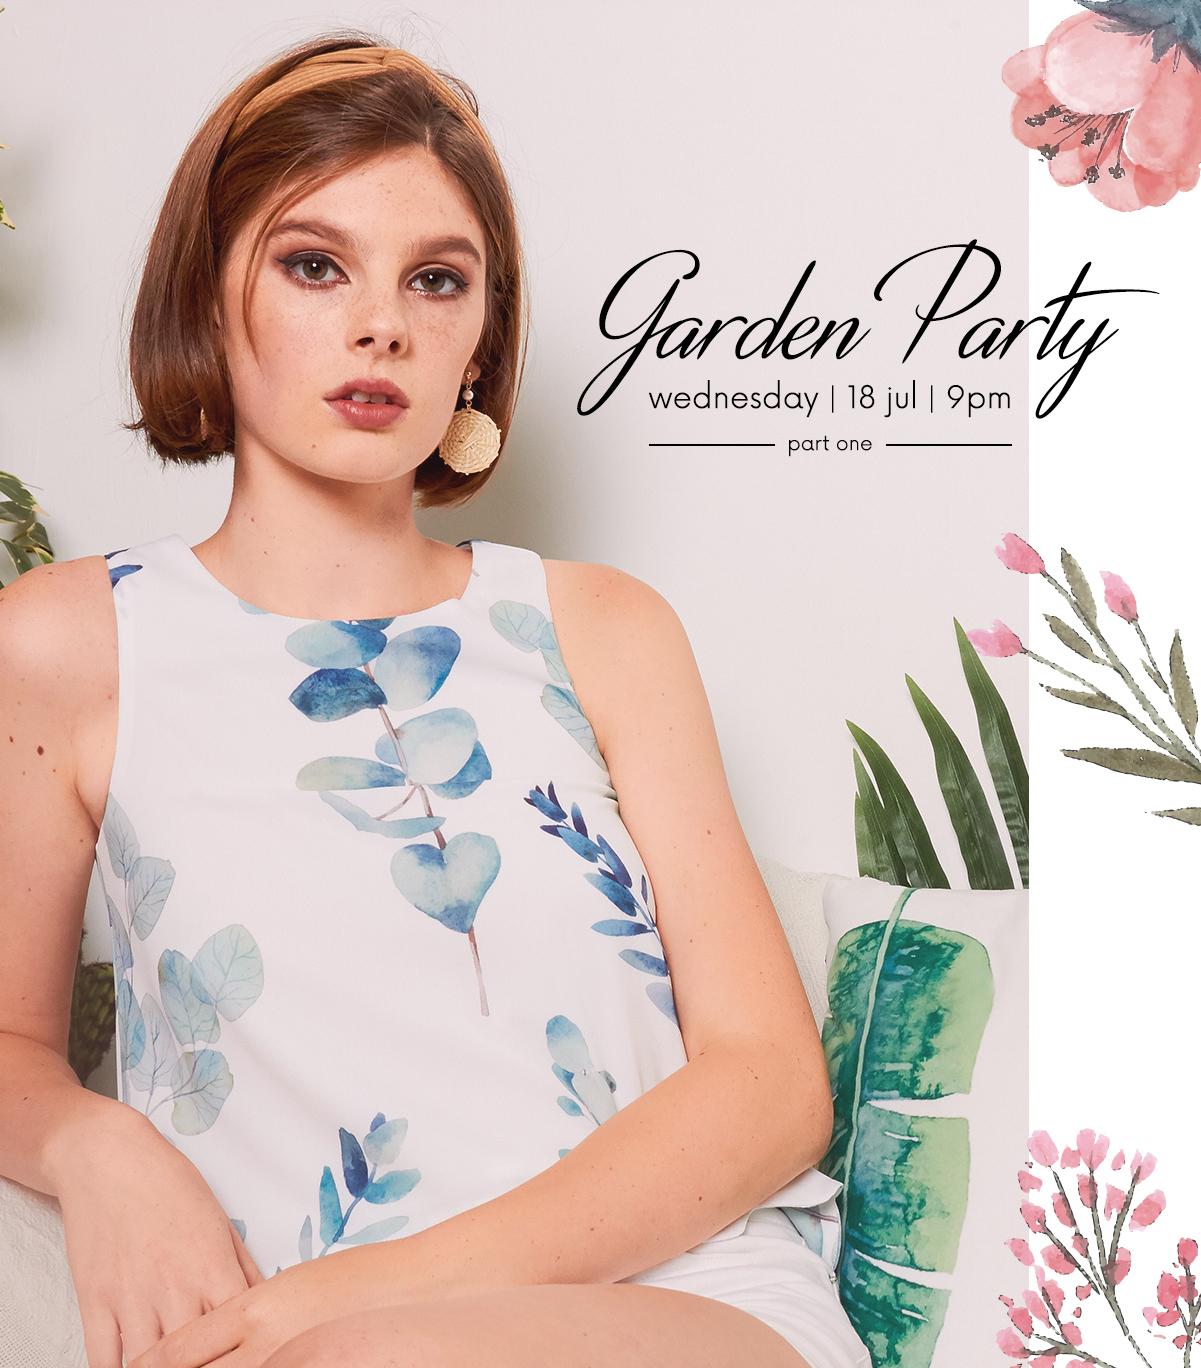 GARDEN PARTY (I)